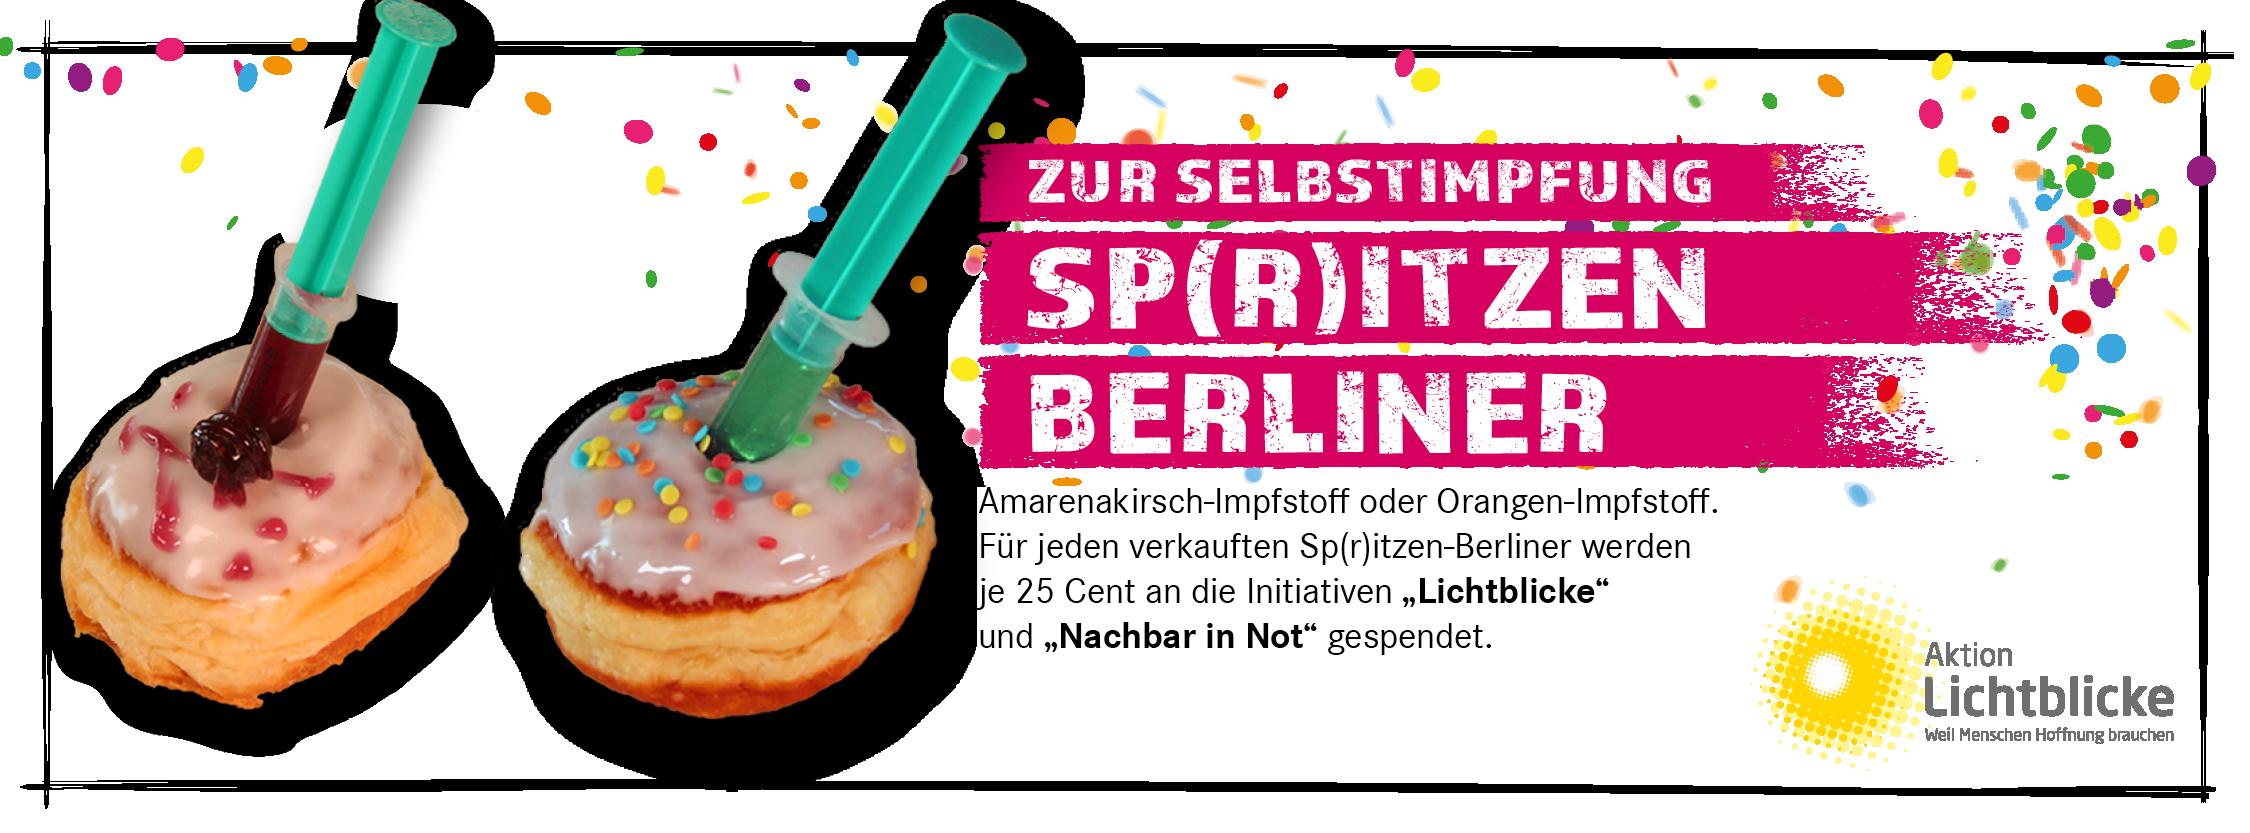 BERLINER21 7 - Die zuckersüße Impfdosis für den guten Zweck ist da!